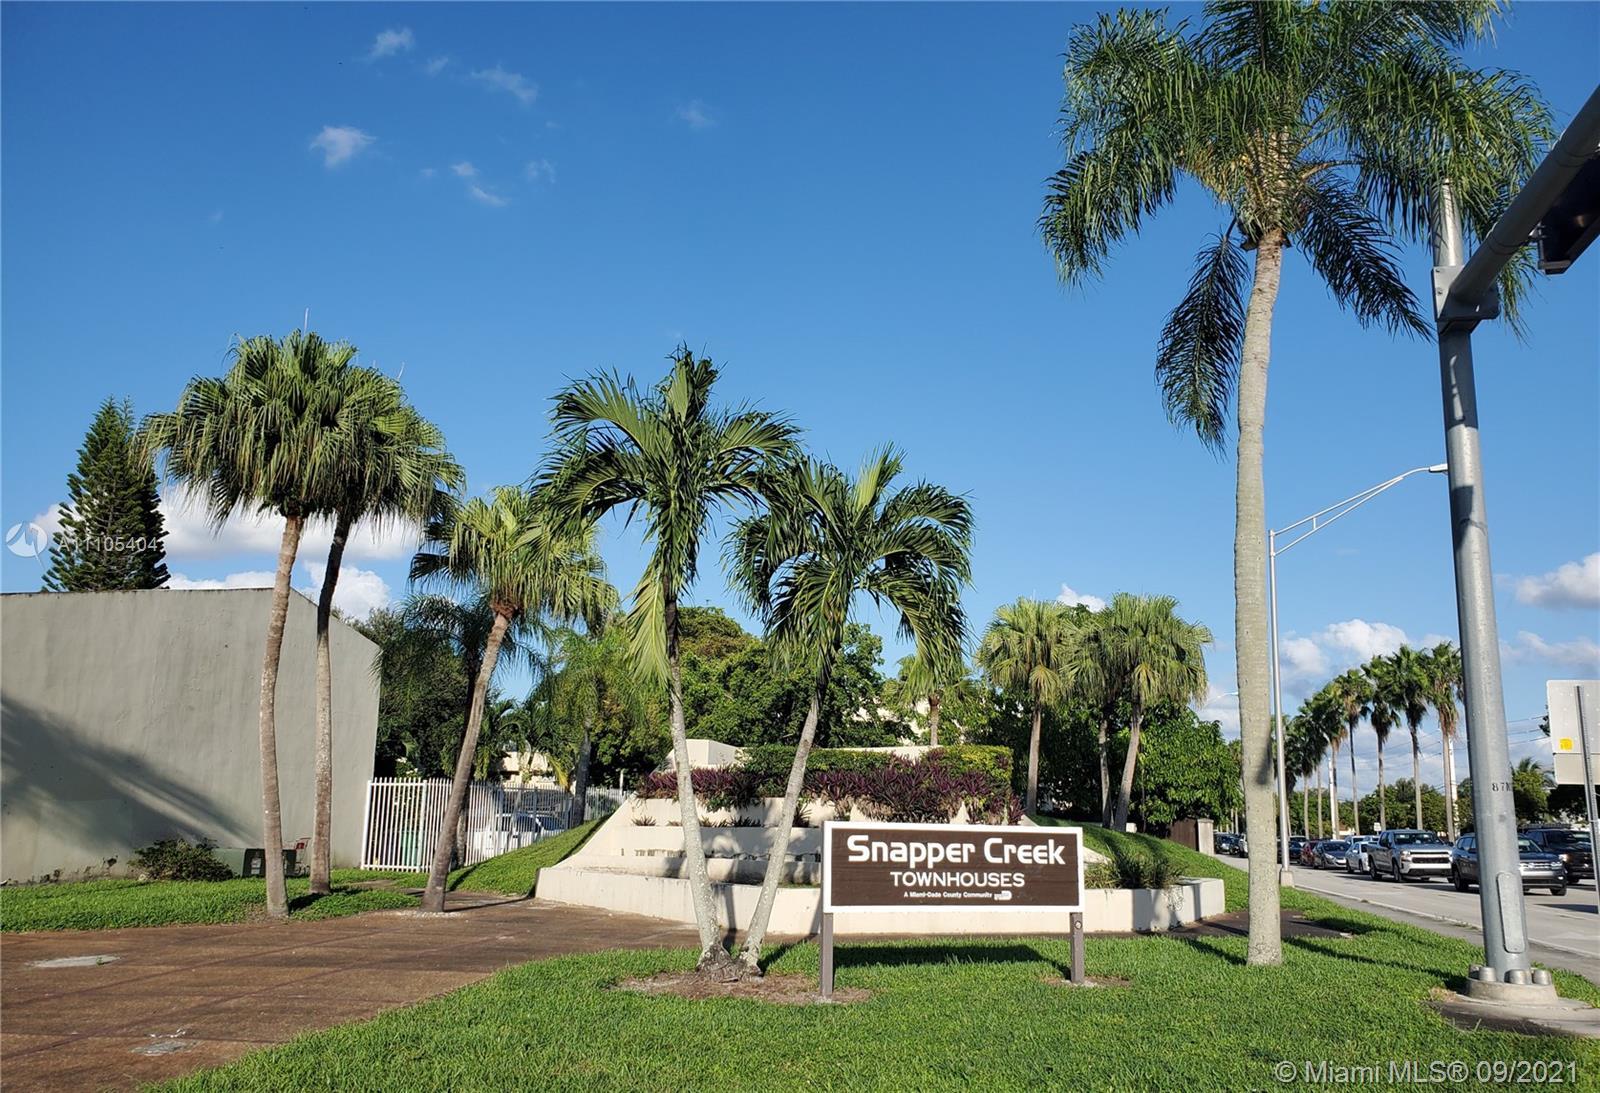 Snapper Creek - 7104 SW 112th Ct, Miami, FL 33173